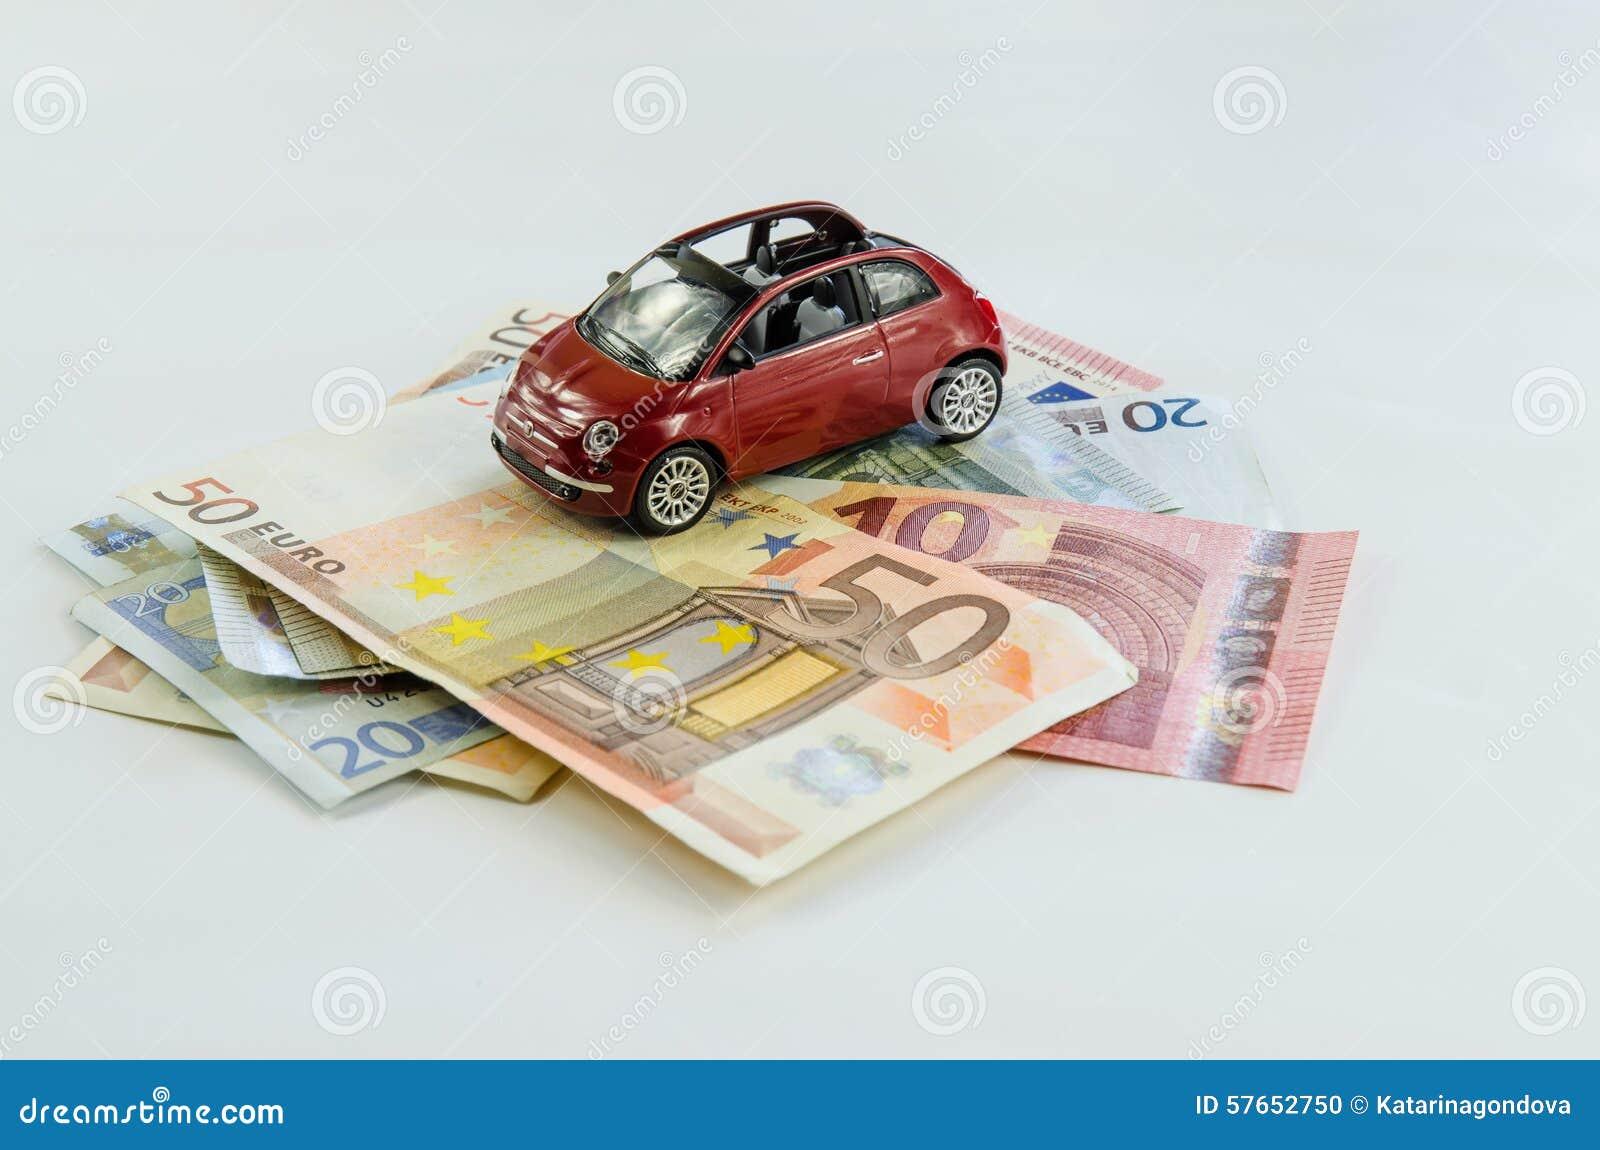 Samochód i pieniądze